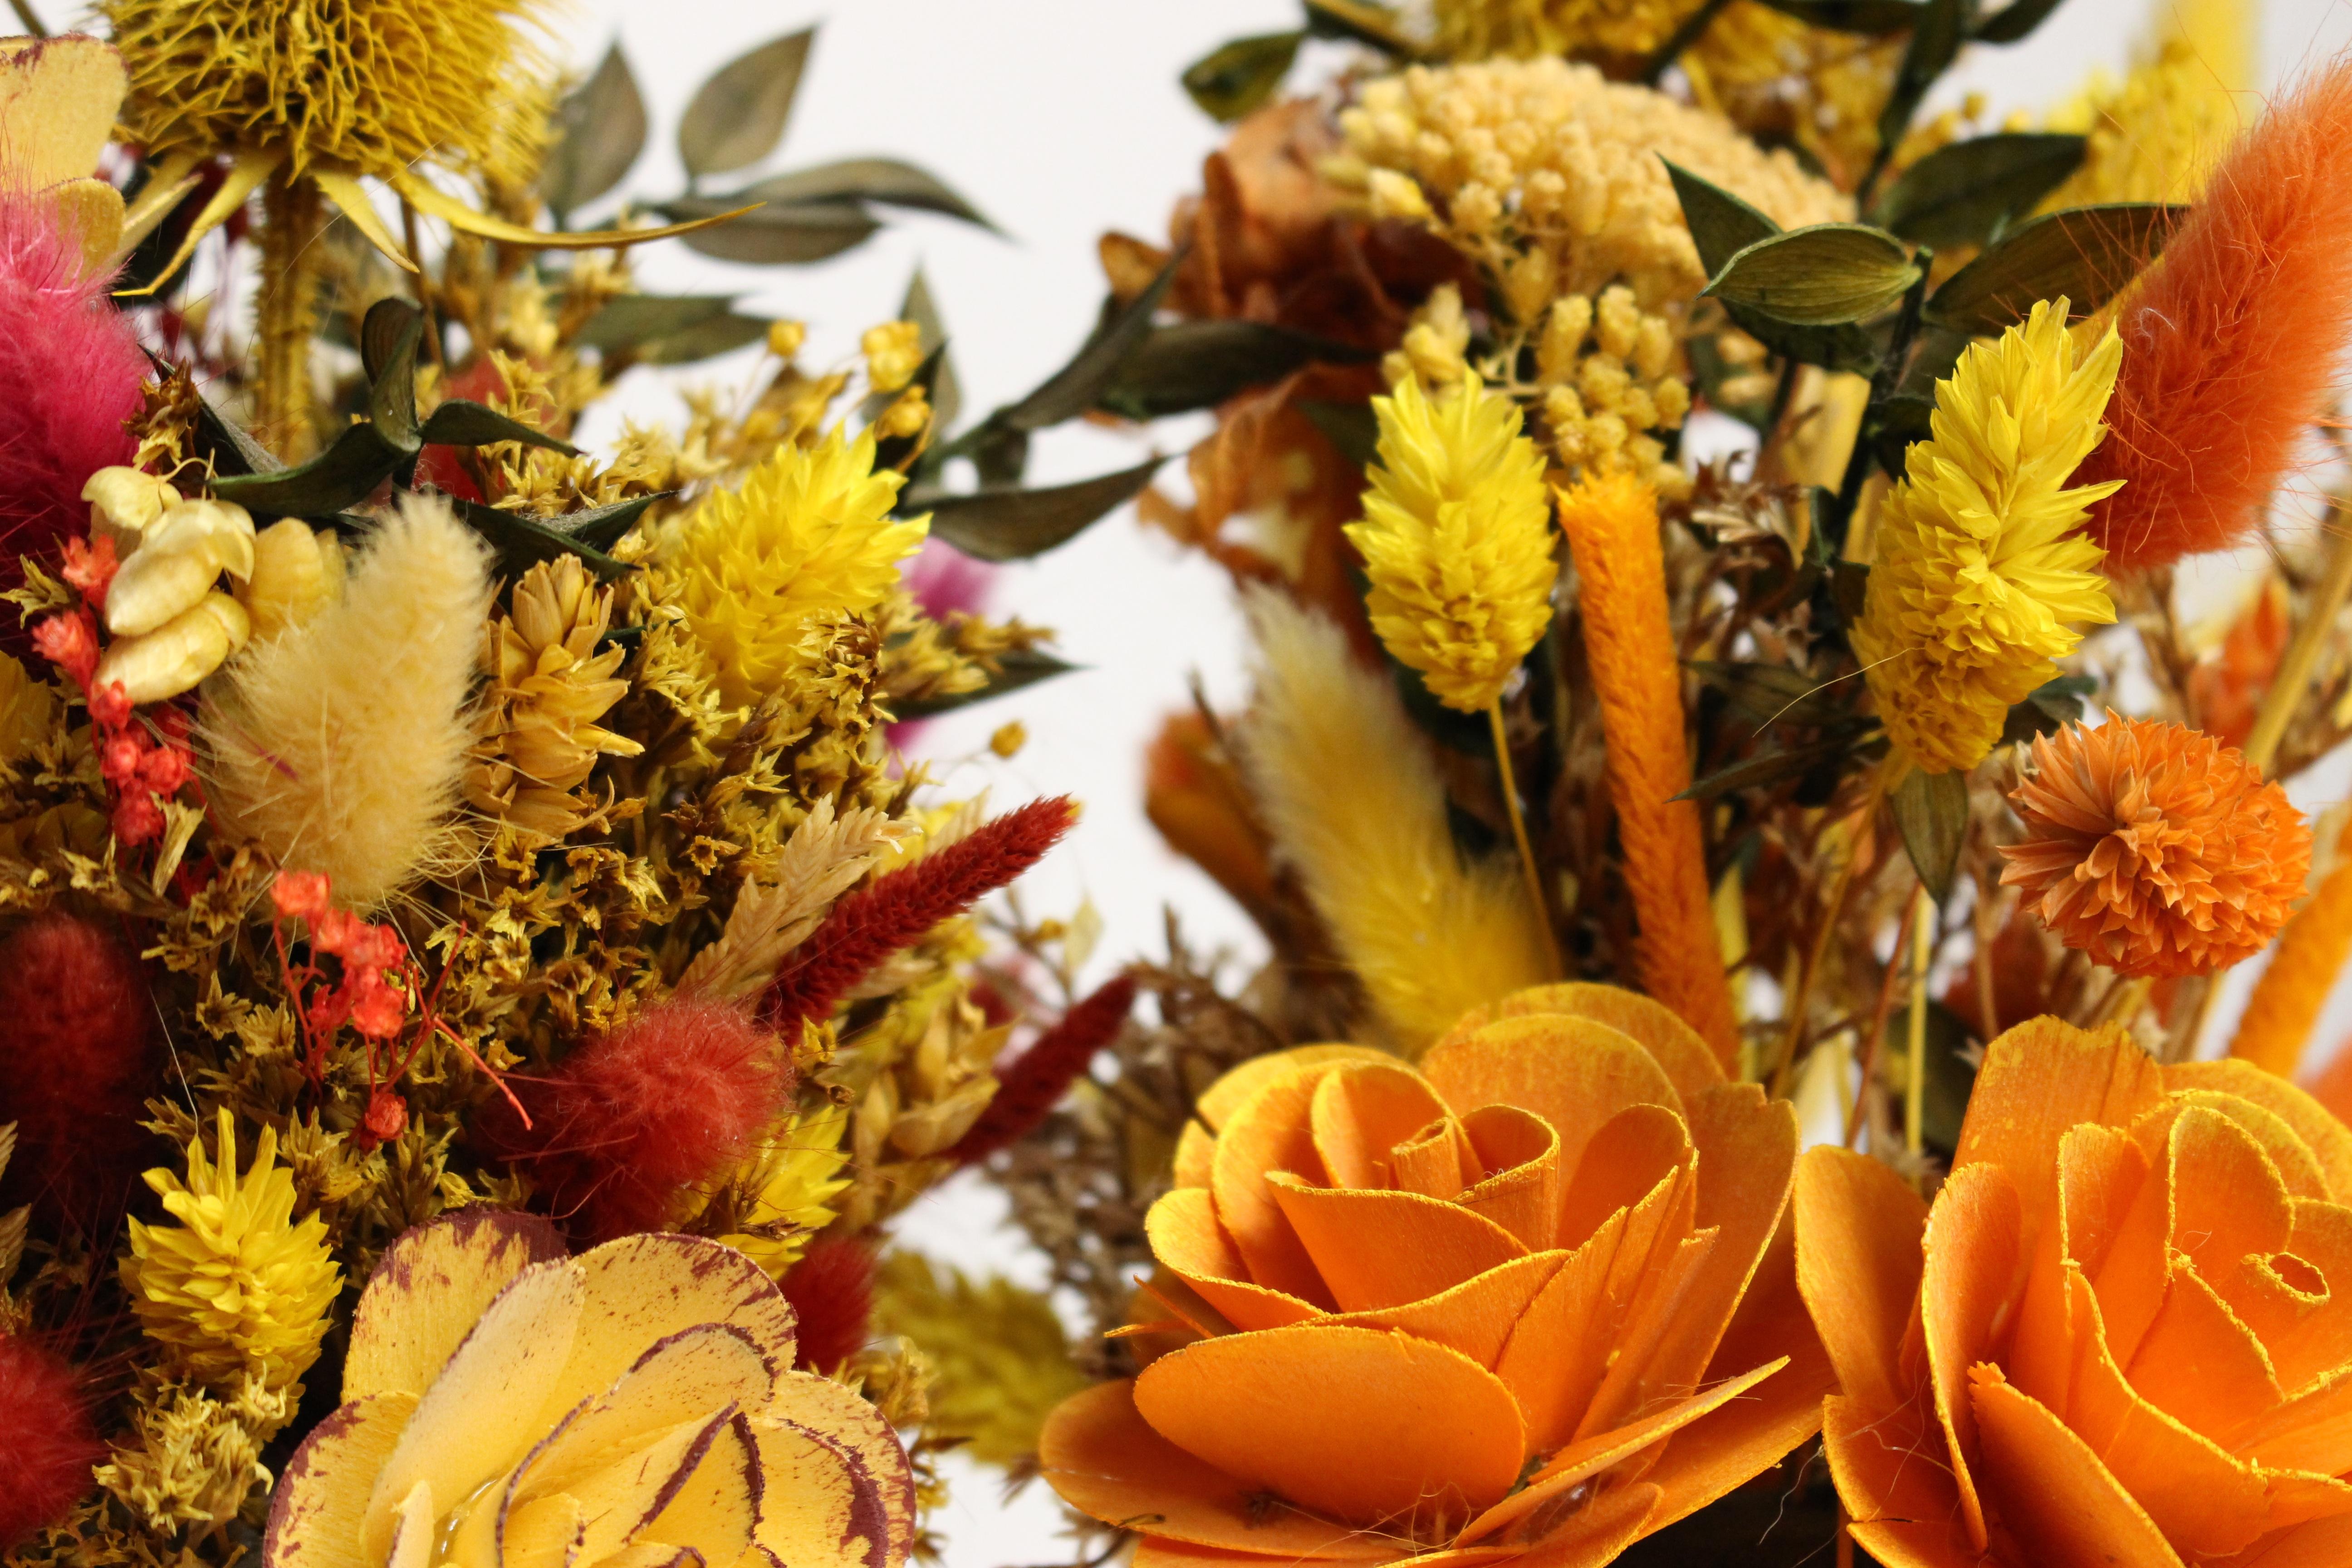 diseo de interiores ramo de flores diseo floral decoracin hogarea arreglos florales flores decorativas hierbas secas